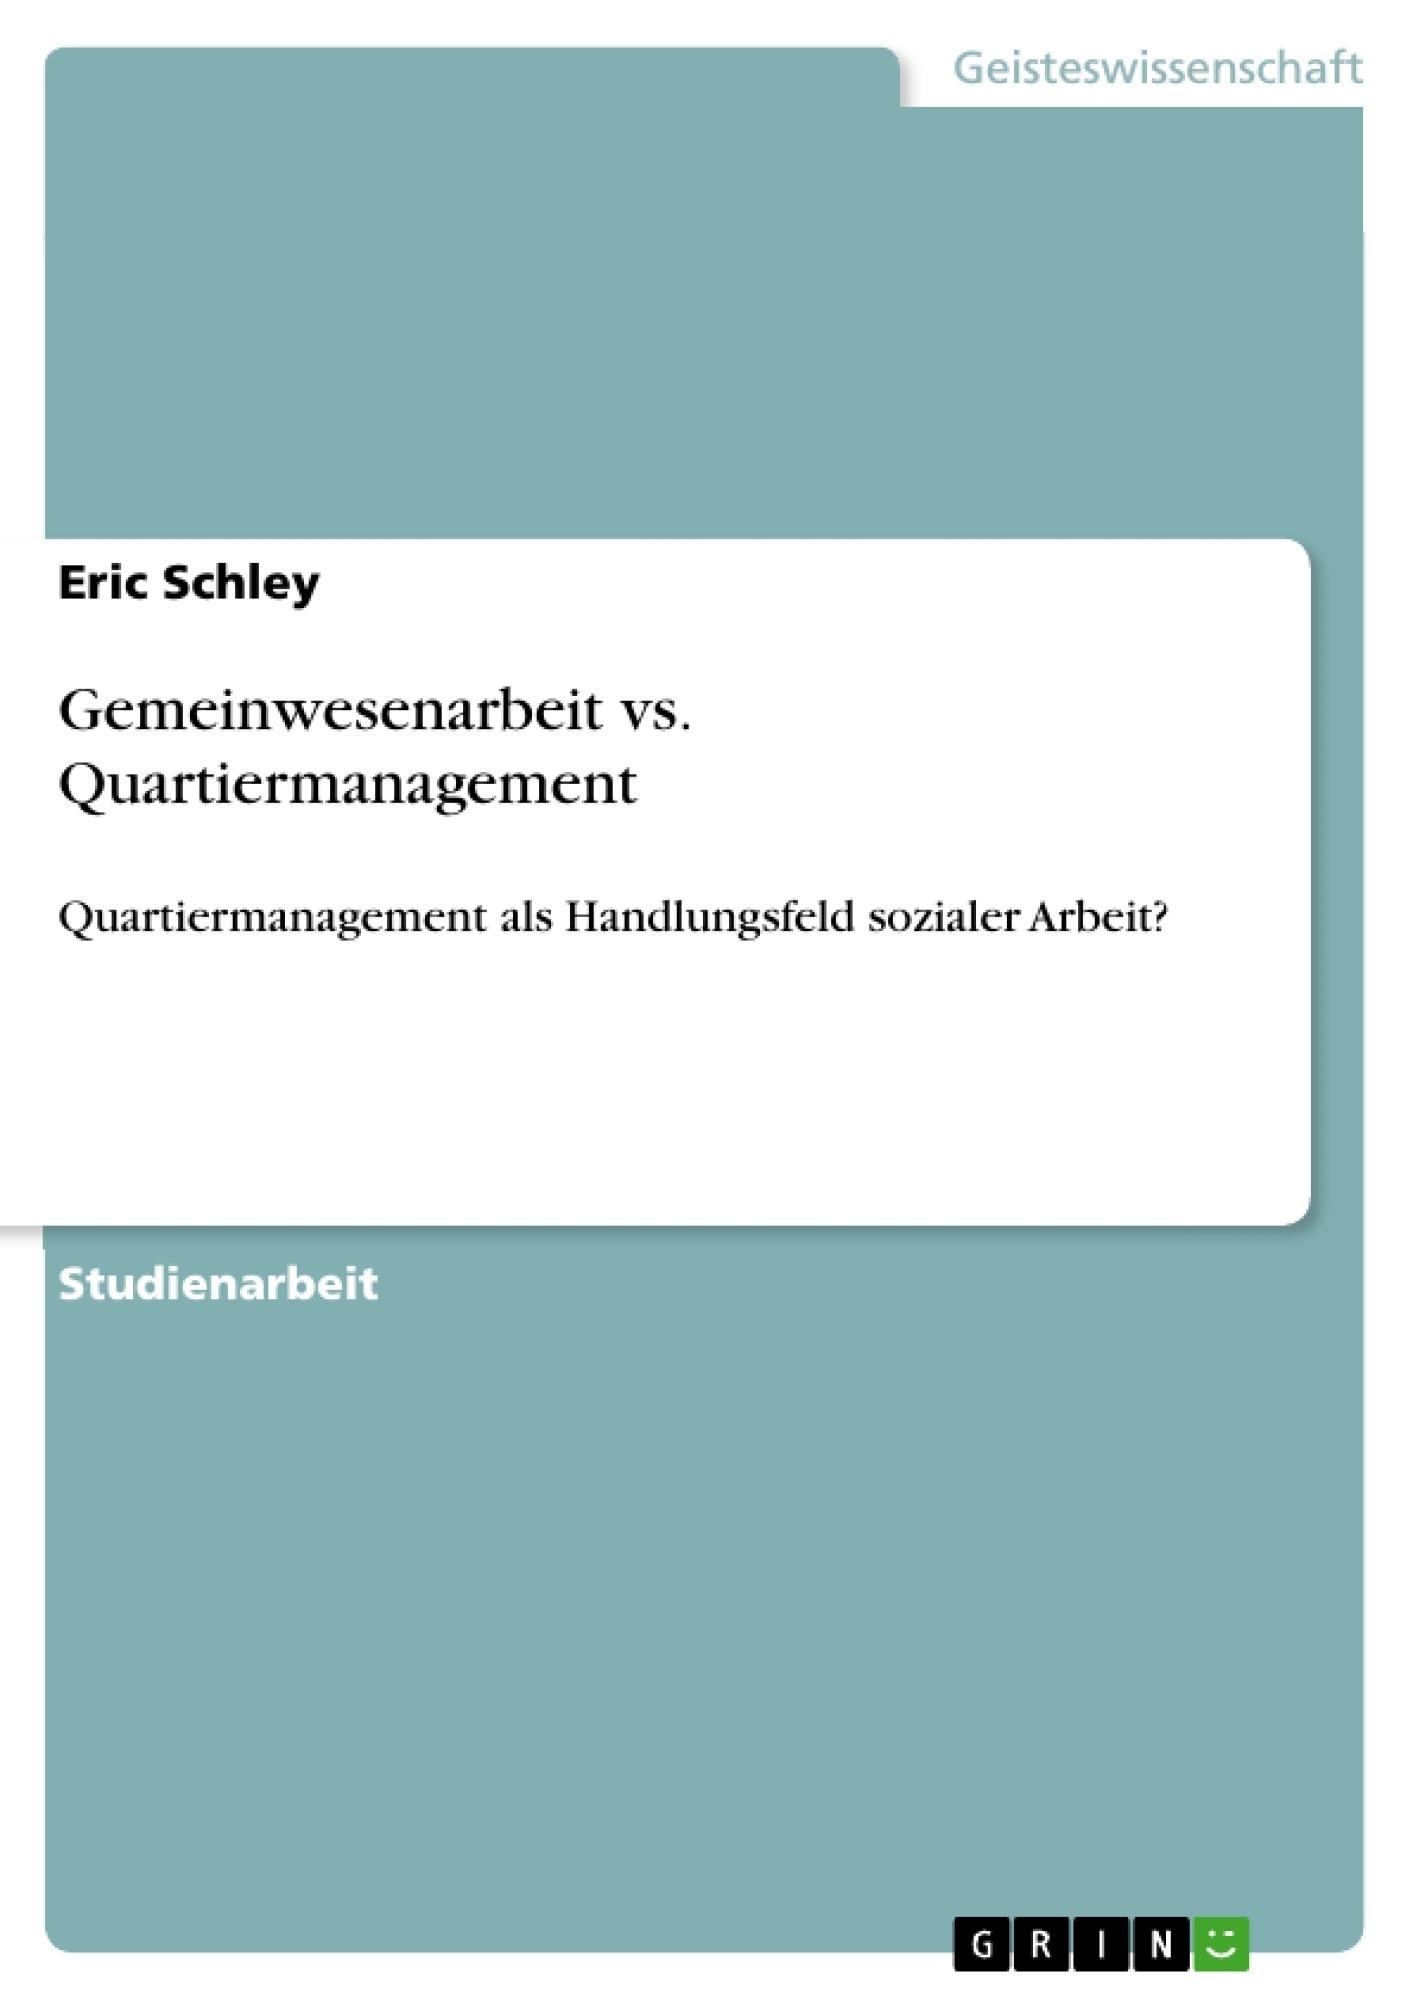 Titel: Gemeinwesenarbeit vs. Quartiermanagement